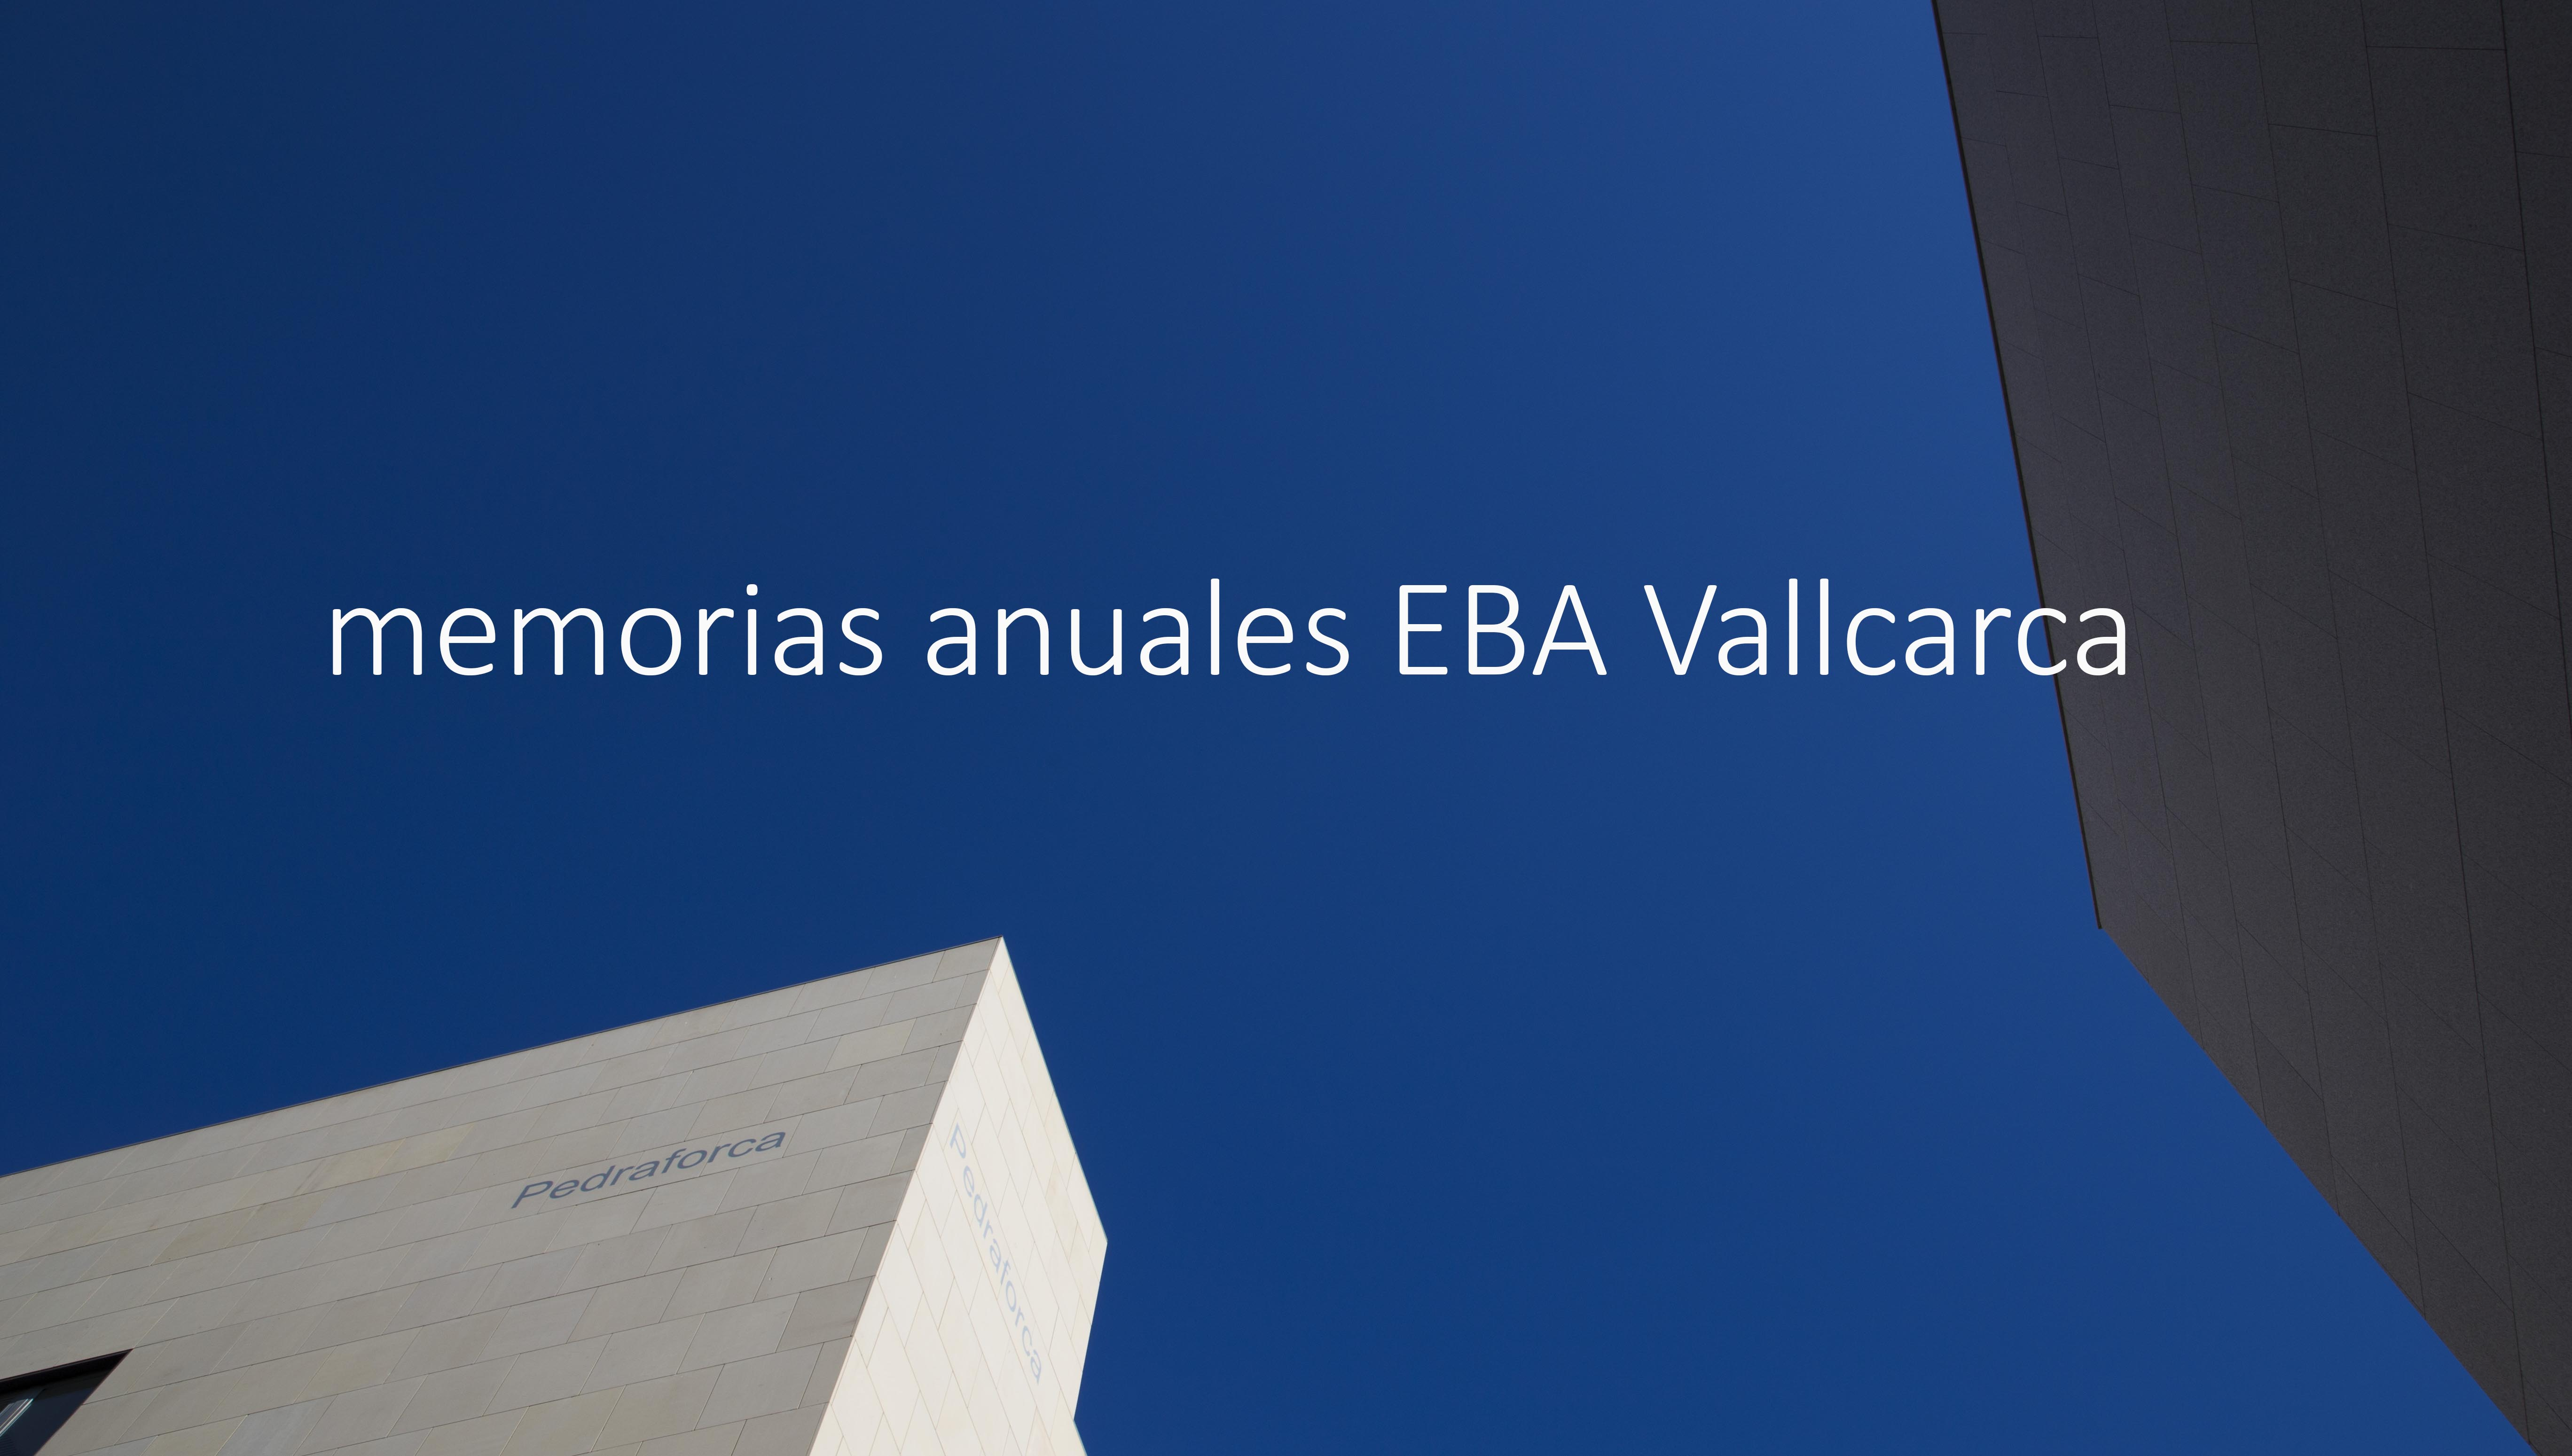 Memorias anuales EBA Vallcarca